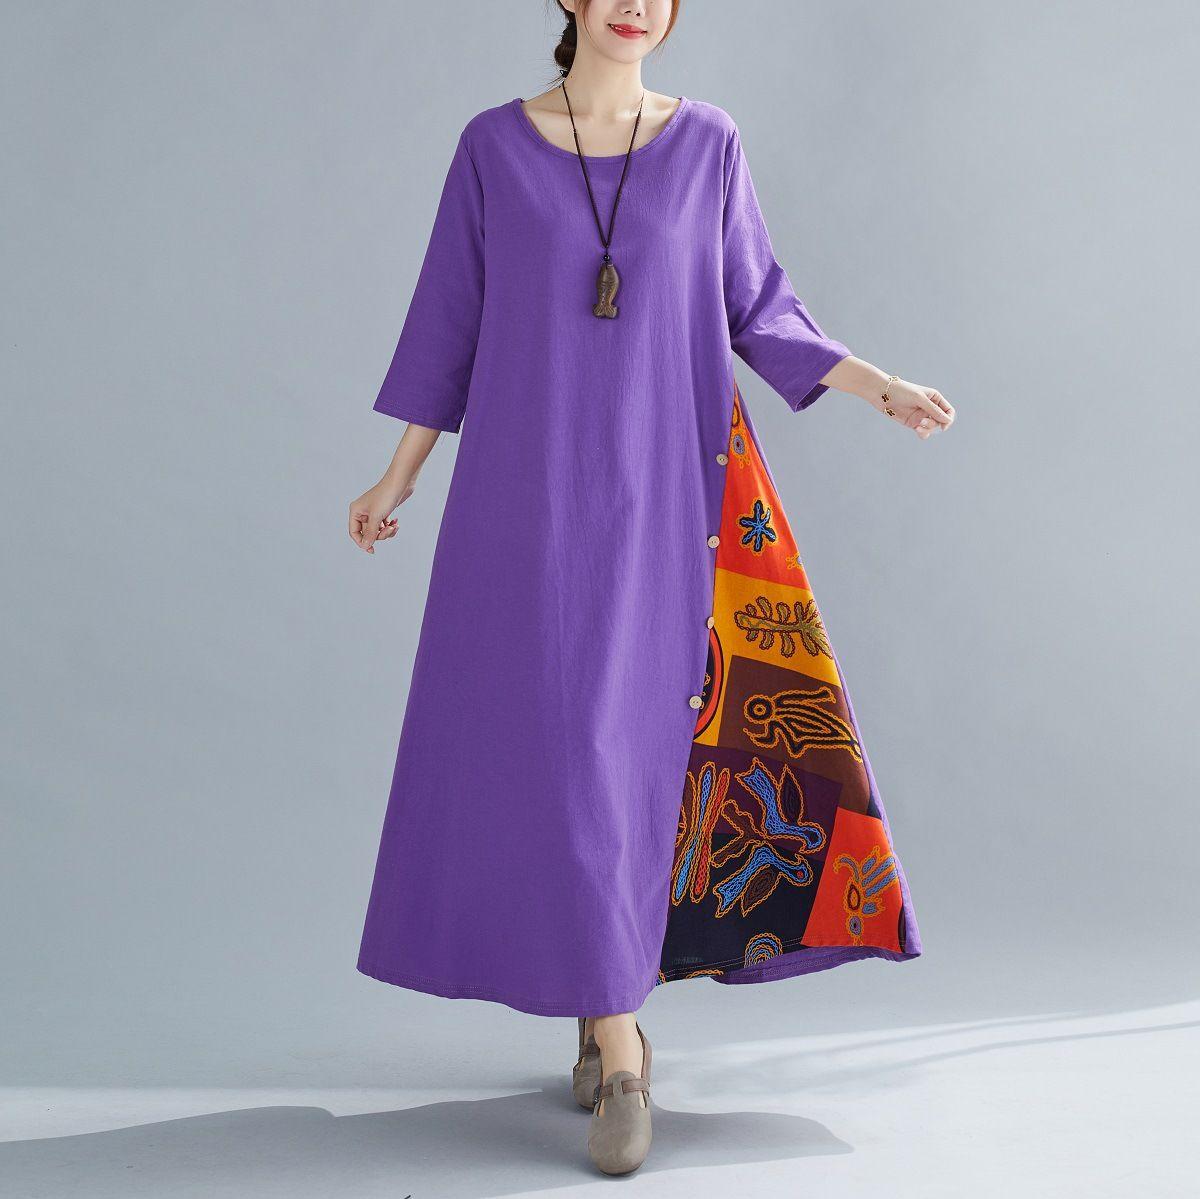 7Colour M-5XL 여성 의류는 세 분 소매 캐주얼 섹시한 드레스 맥시 드레스를 바느질 꽃 라운드 넥 대비 복고풍